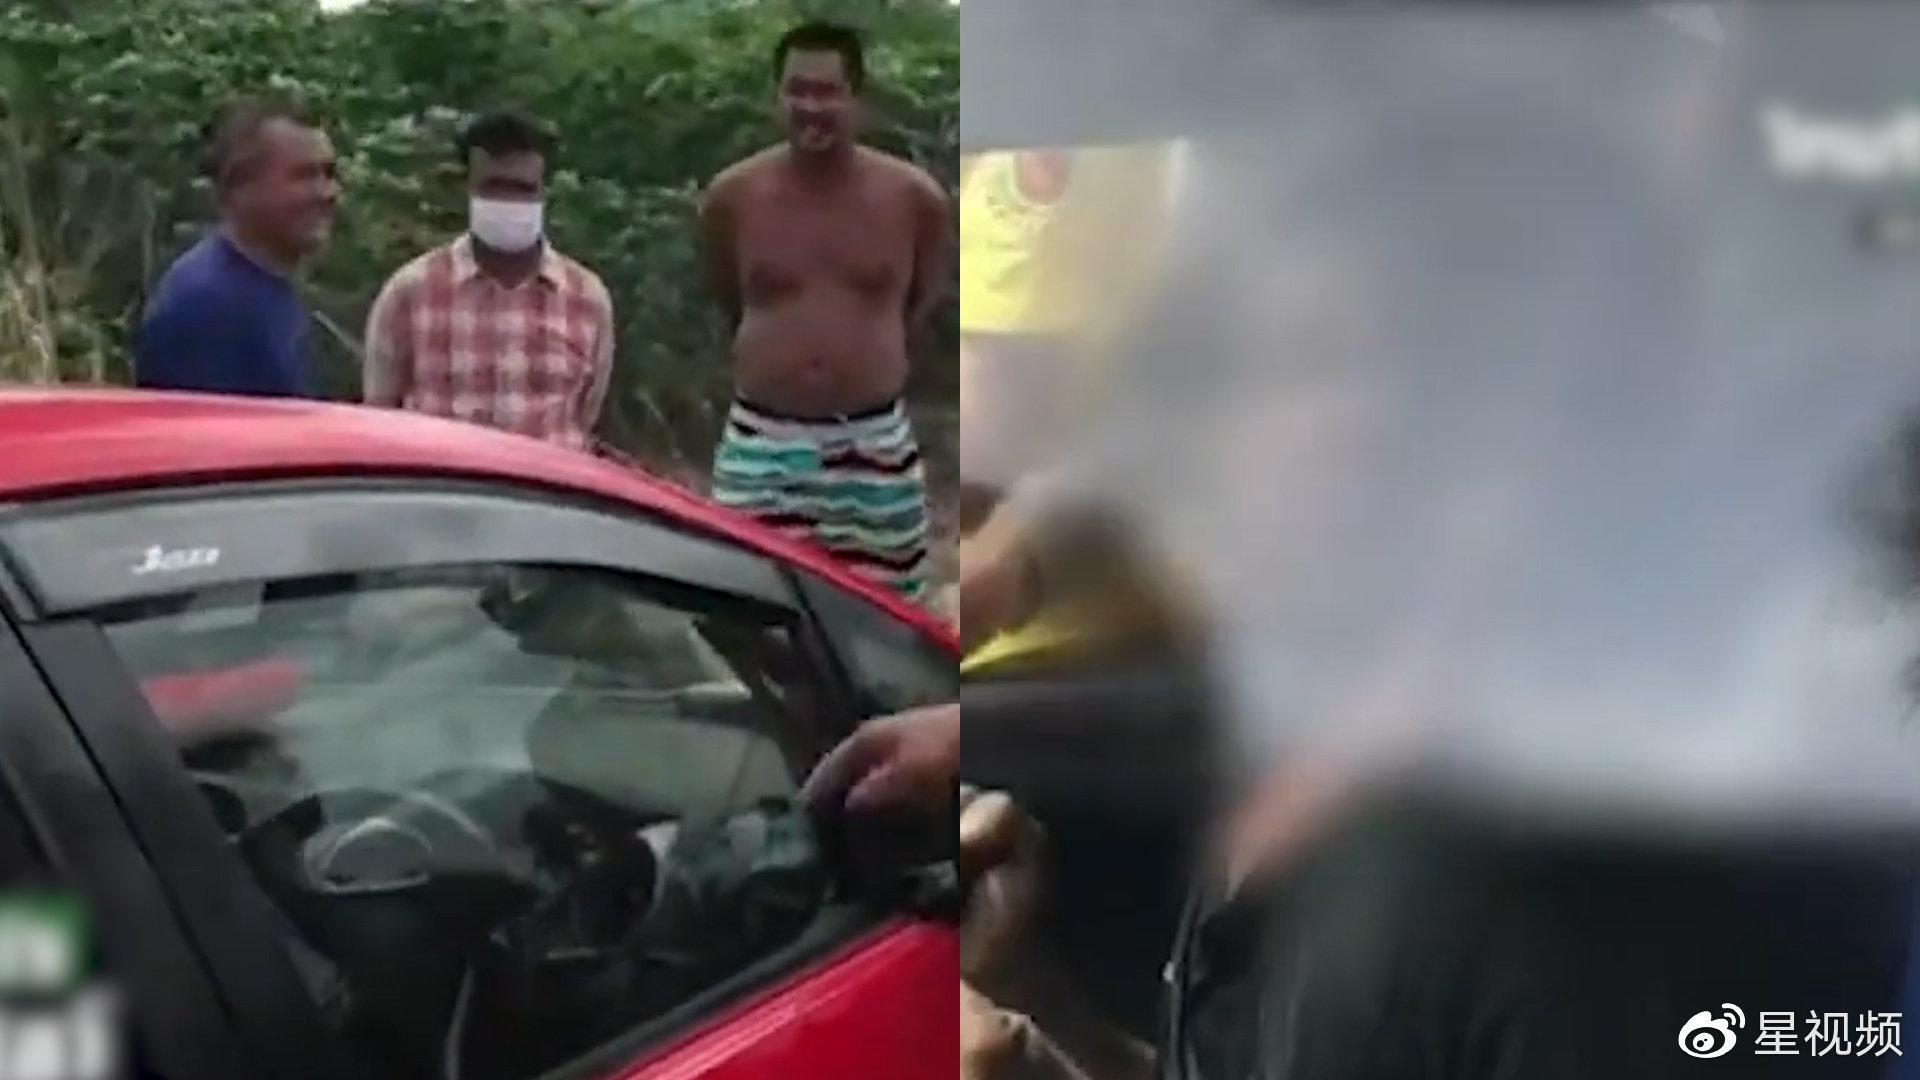 男子盗车后遇故障反困车内窒息昏迷 车主寻车及时砸窗救下一命